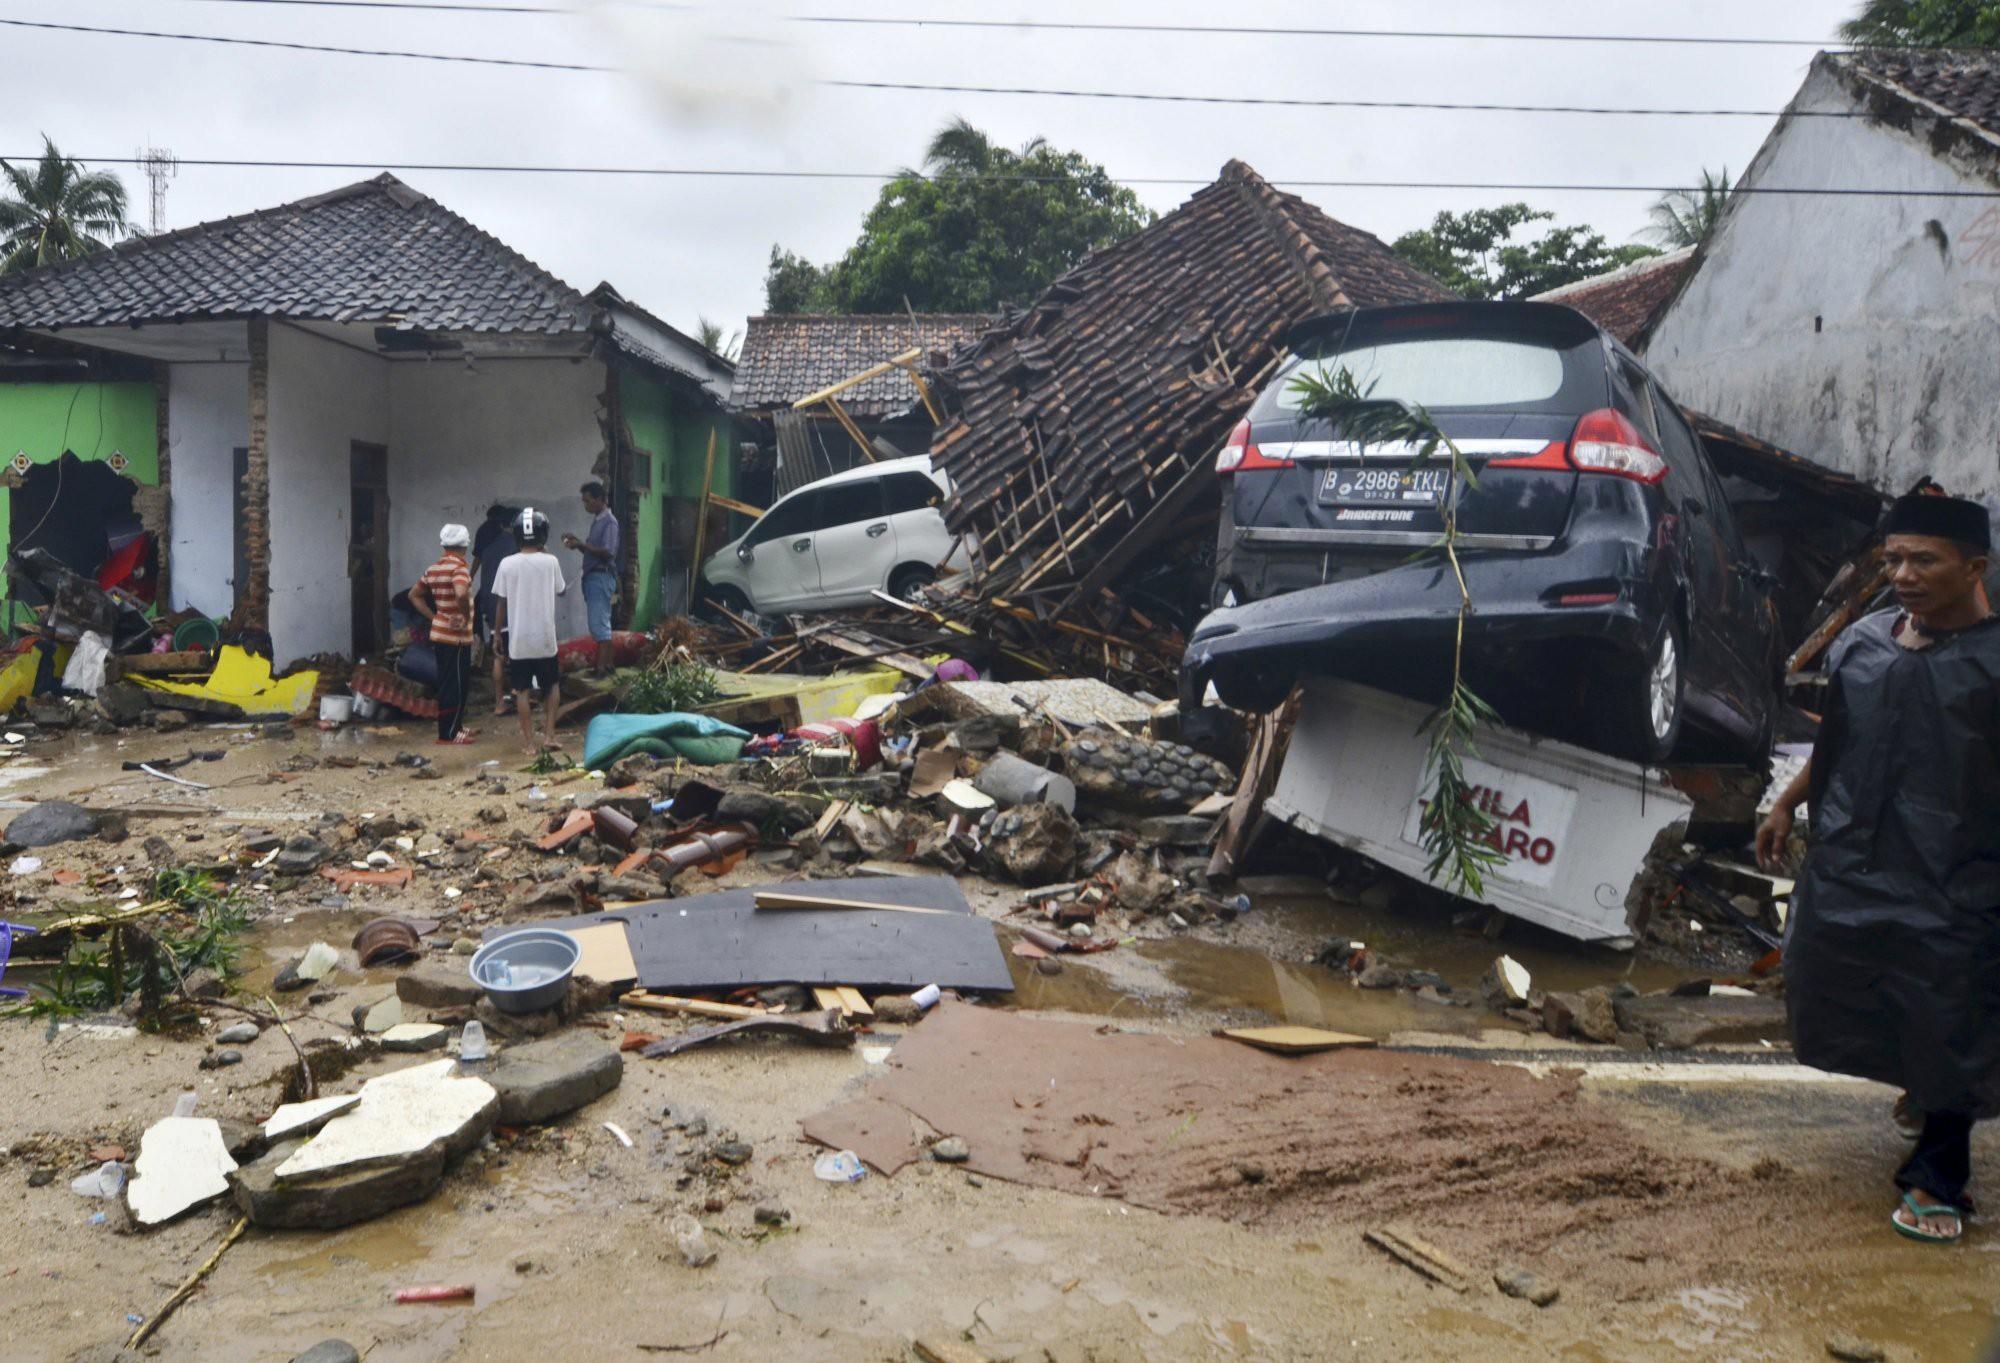 Indonesia một ngày chìm trong đau thương và nước mắt: Người dân đau đáu đi tìm người thân thích - Ảnh 6.